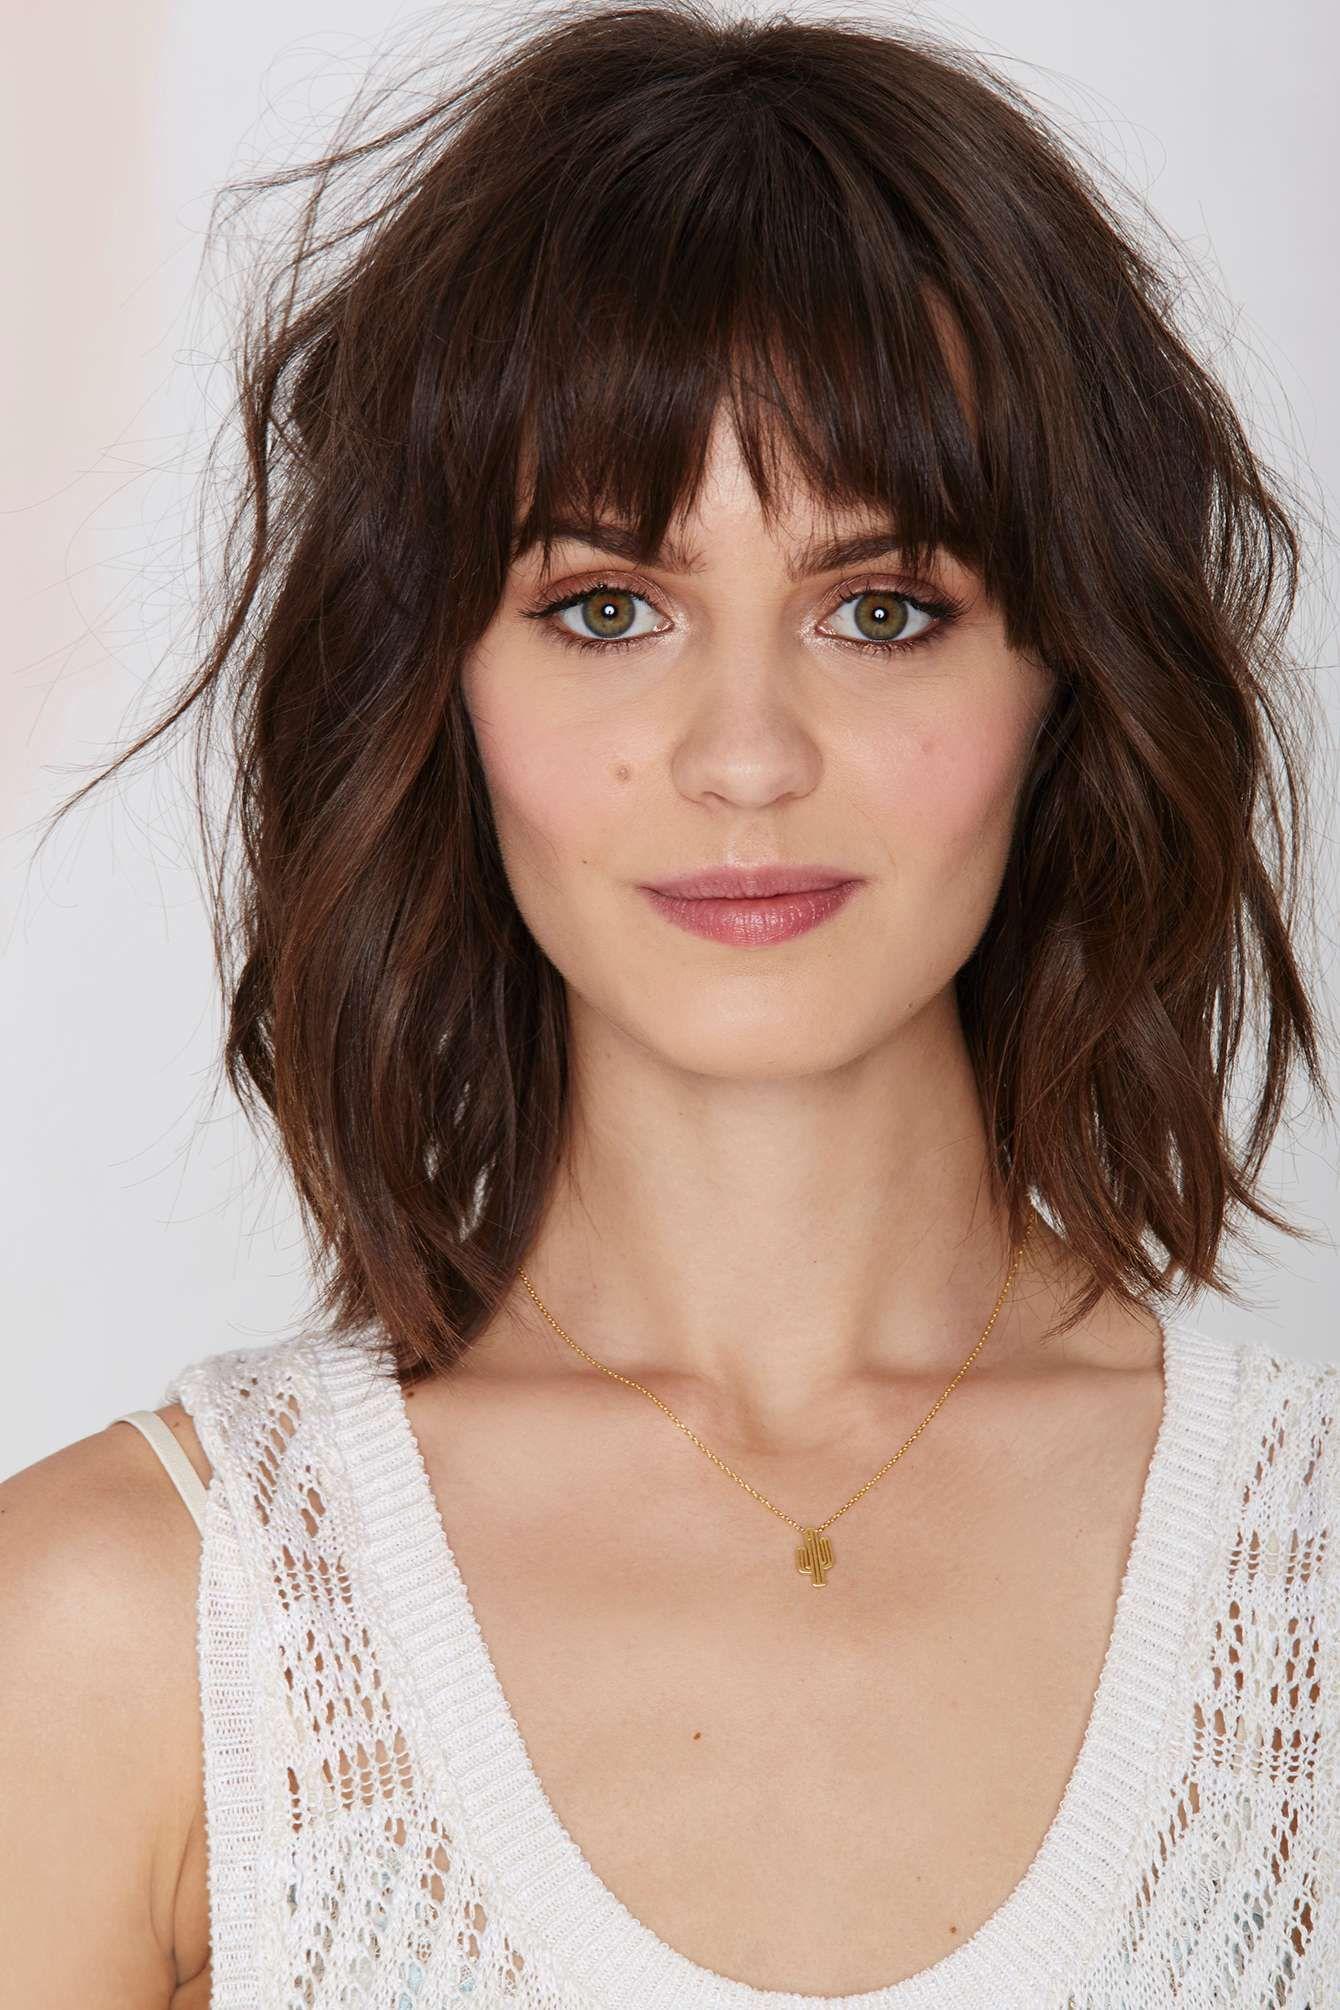 Le Carre Mi Long Degrade Idee Coiffure Vue Sur Pinterest Trendy Mood Cheveux Mi Longs Avec Frange Coiffures Cheveux Mi Longs Degrades Frange Cheveux